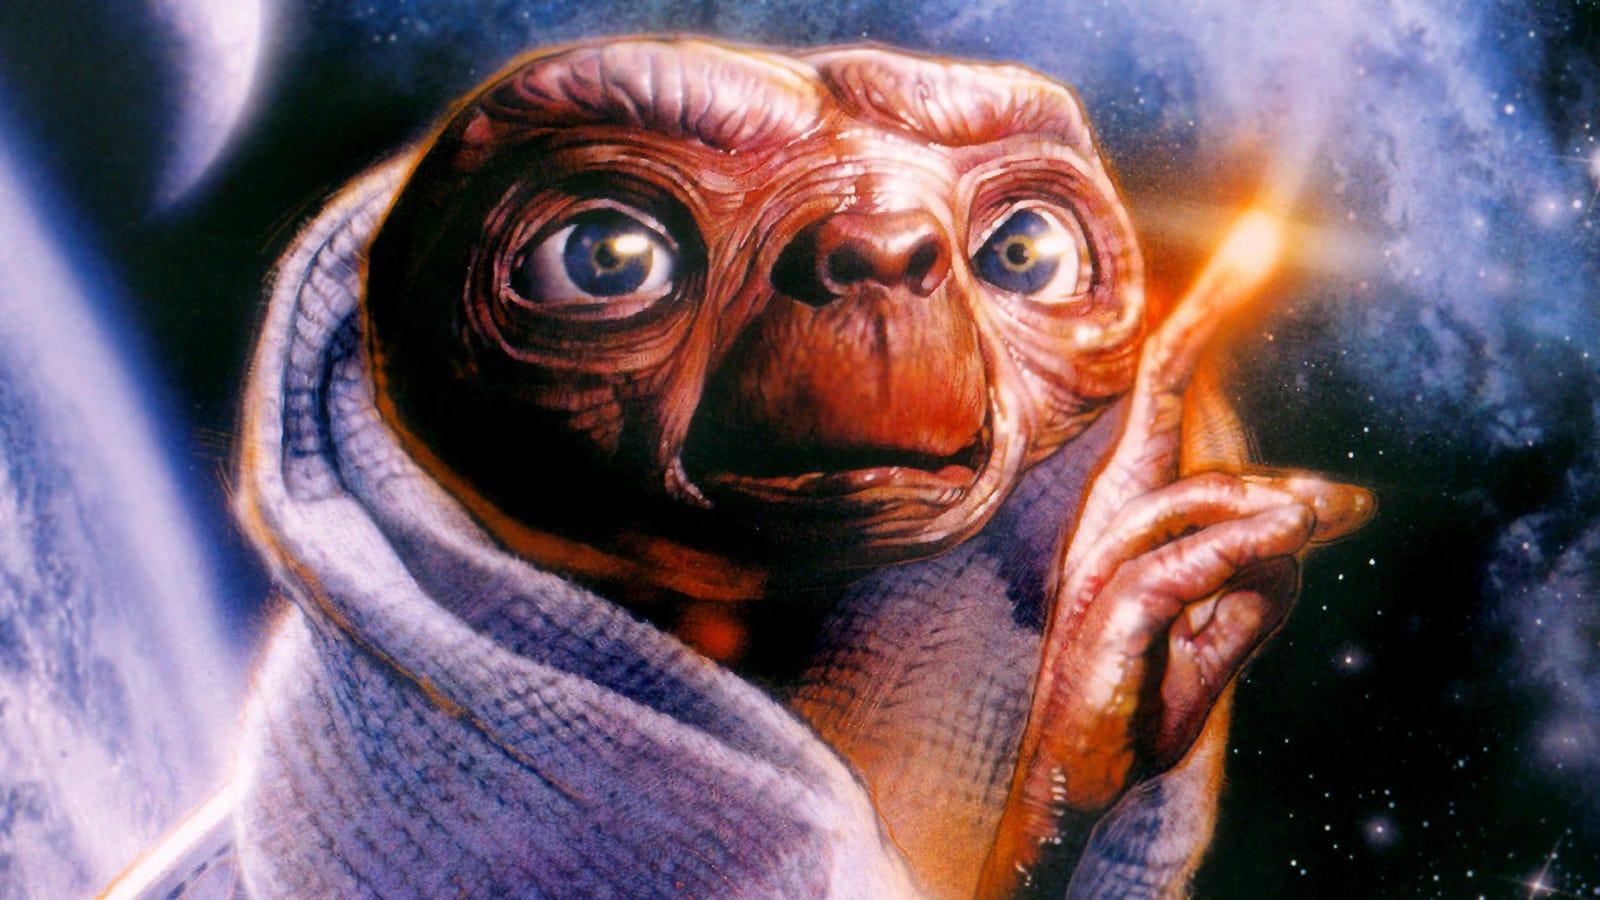 La secuela de E.T. que no llegó: el guión que hubiera arruinado a toda una generación de niños